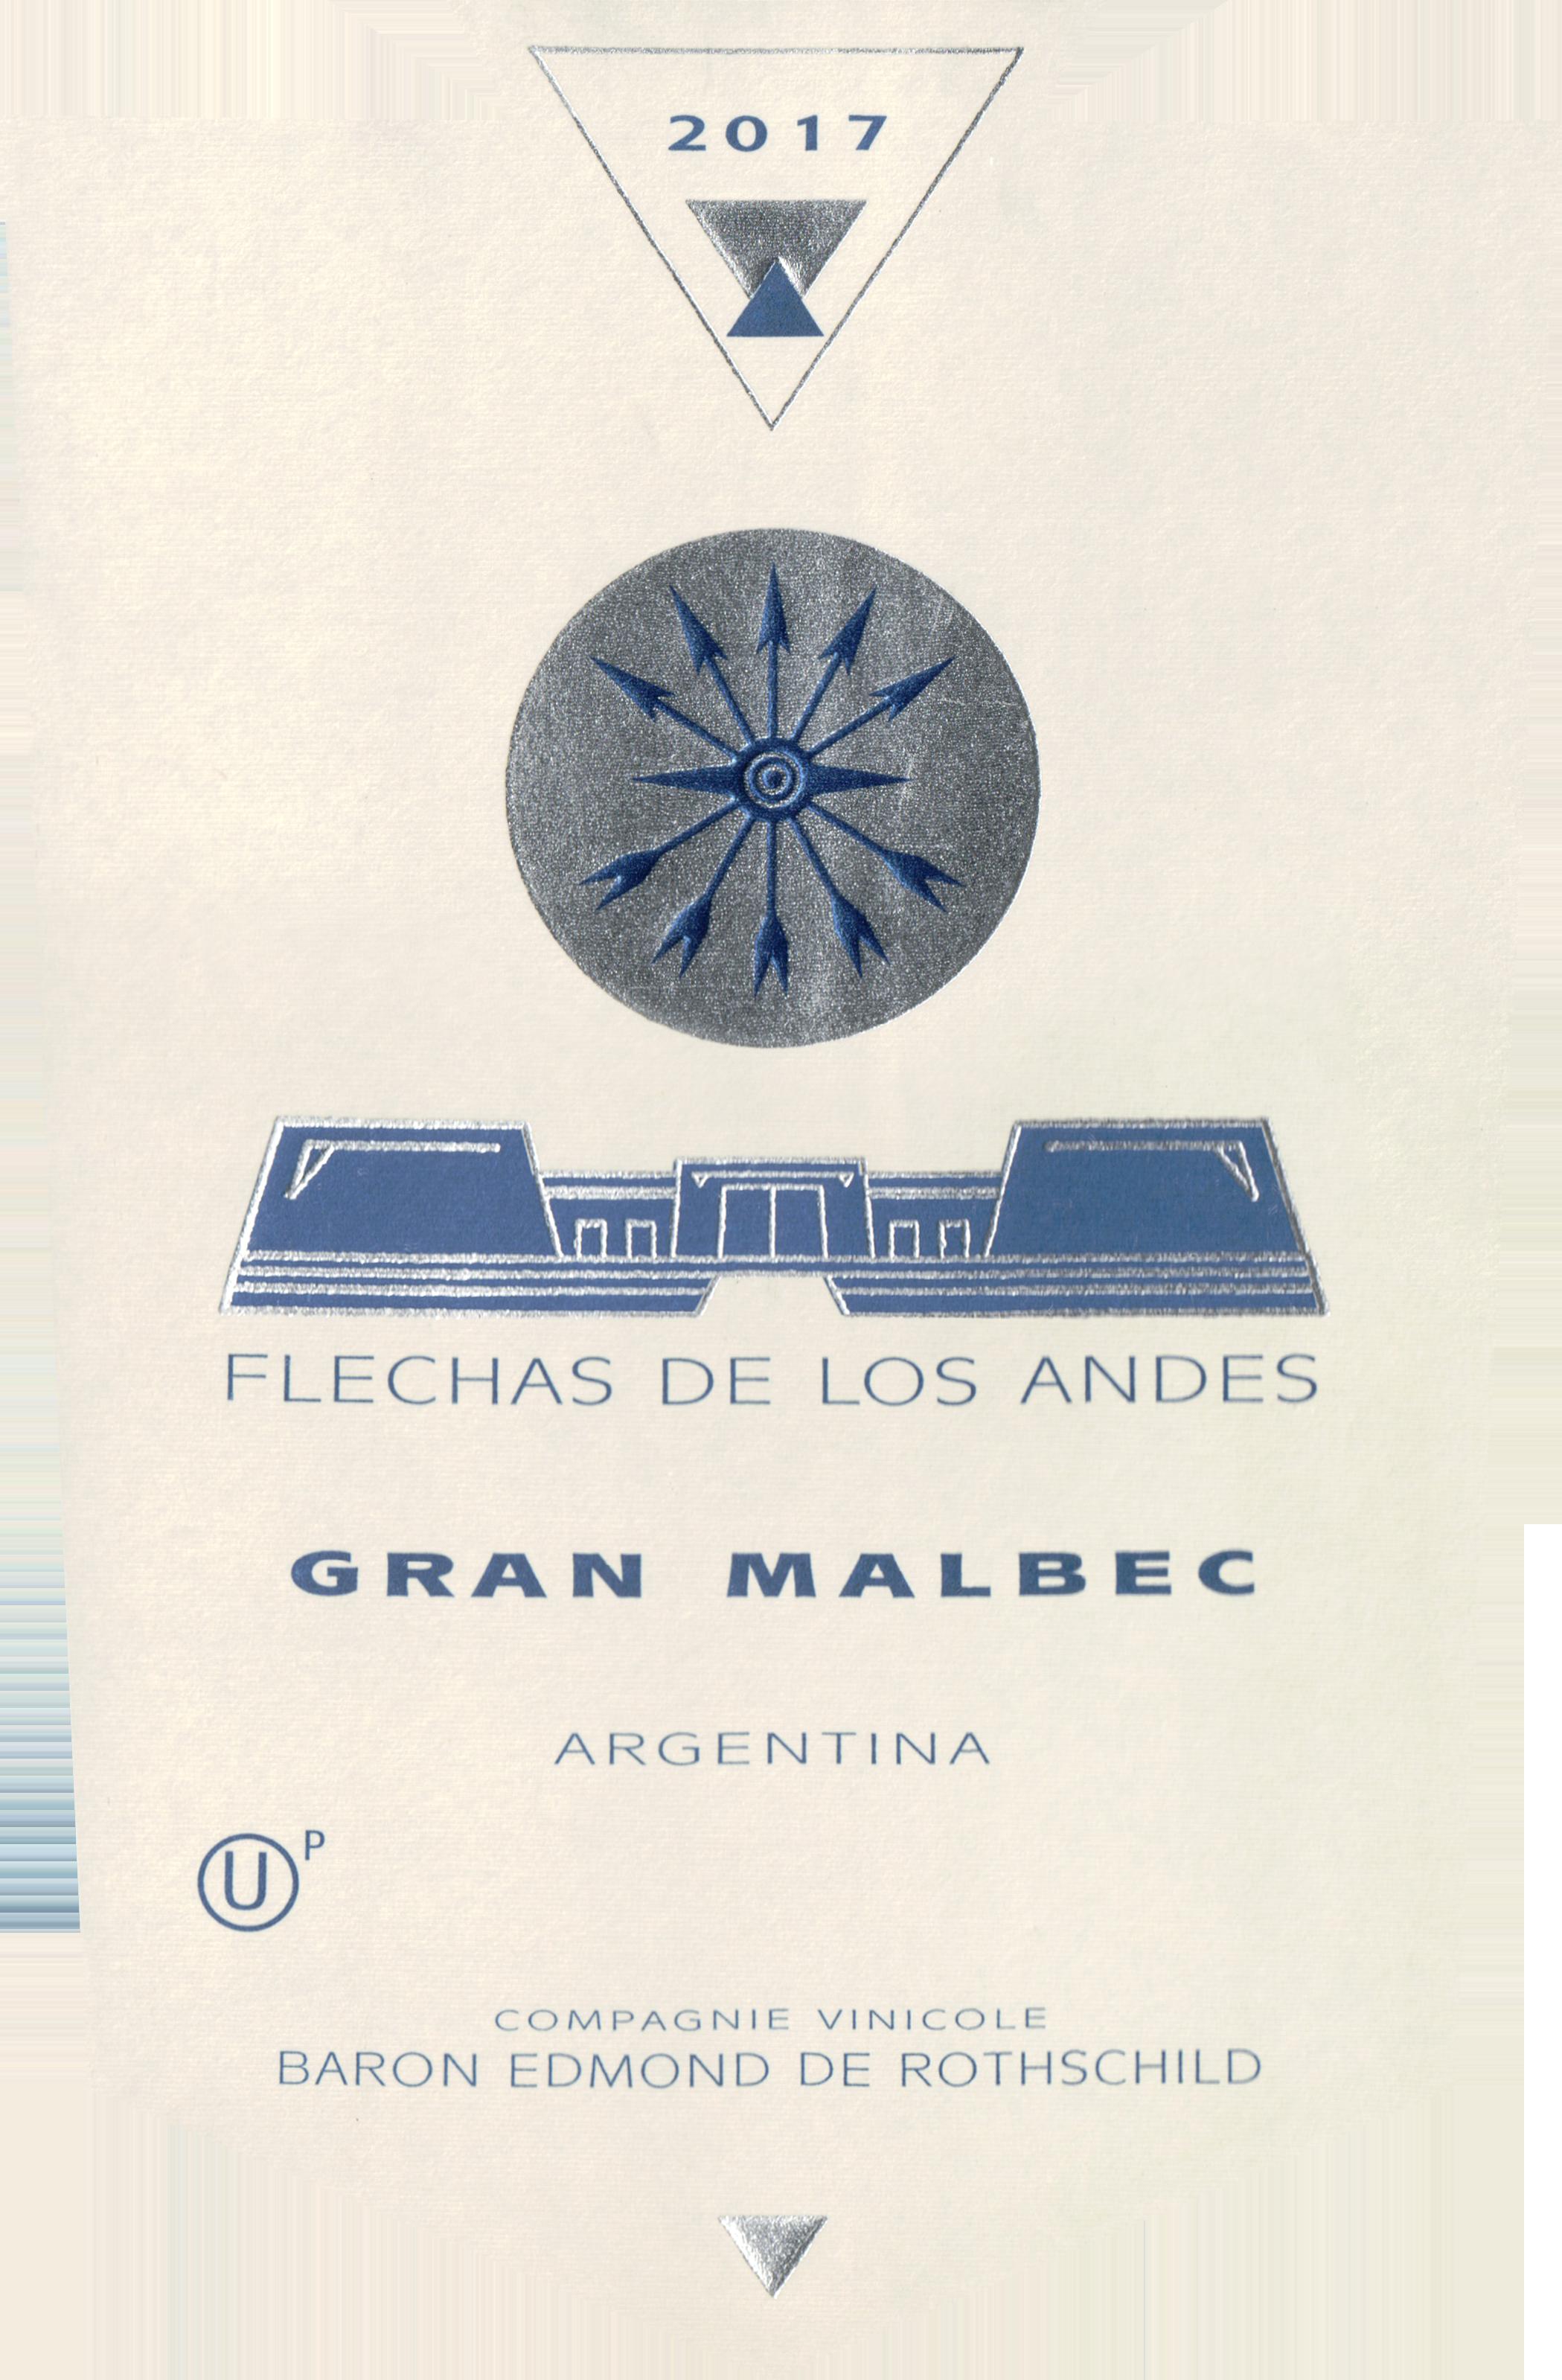 Flechas De Los Andes Gran Malbec (U)P 2017